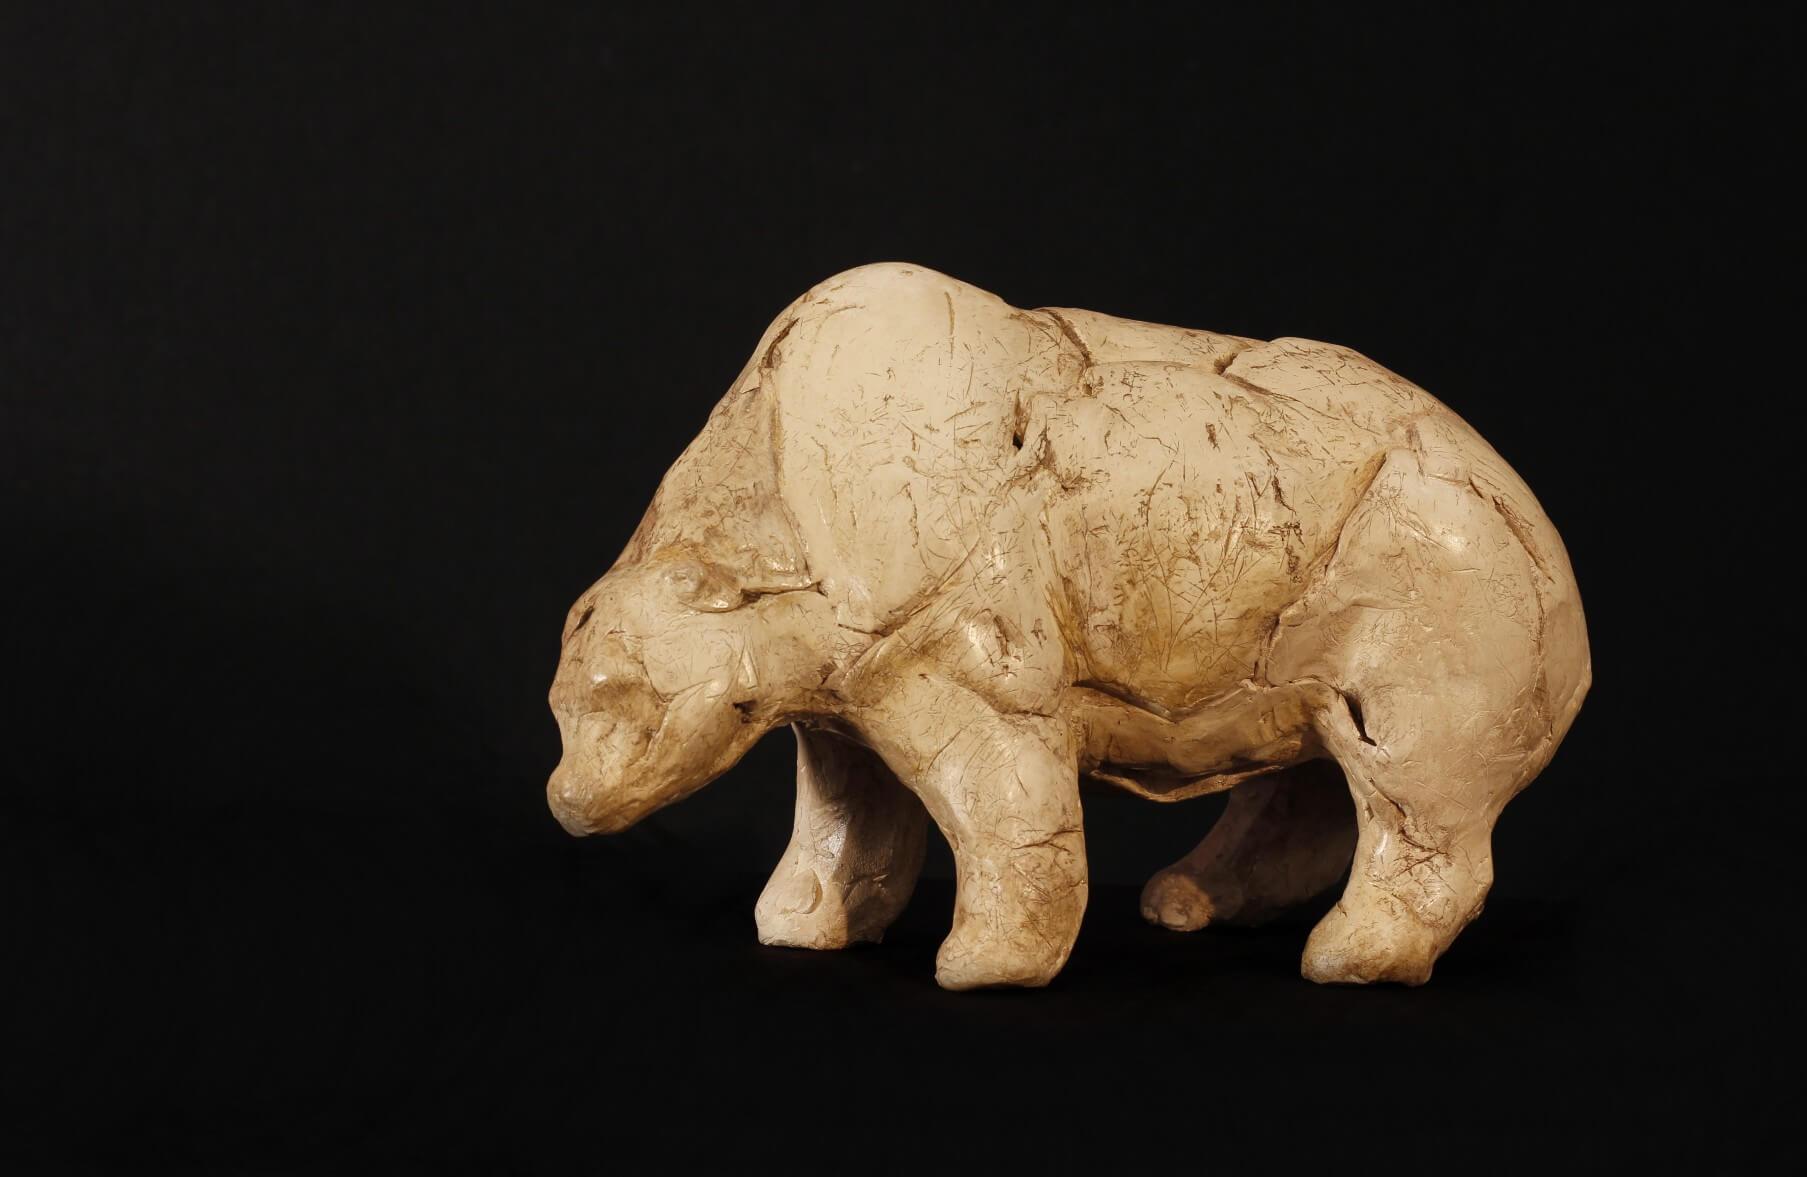 ours-chauvet-art parietal-grotte